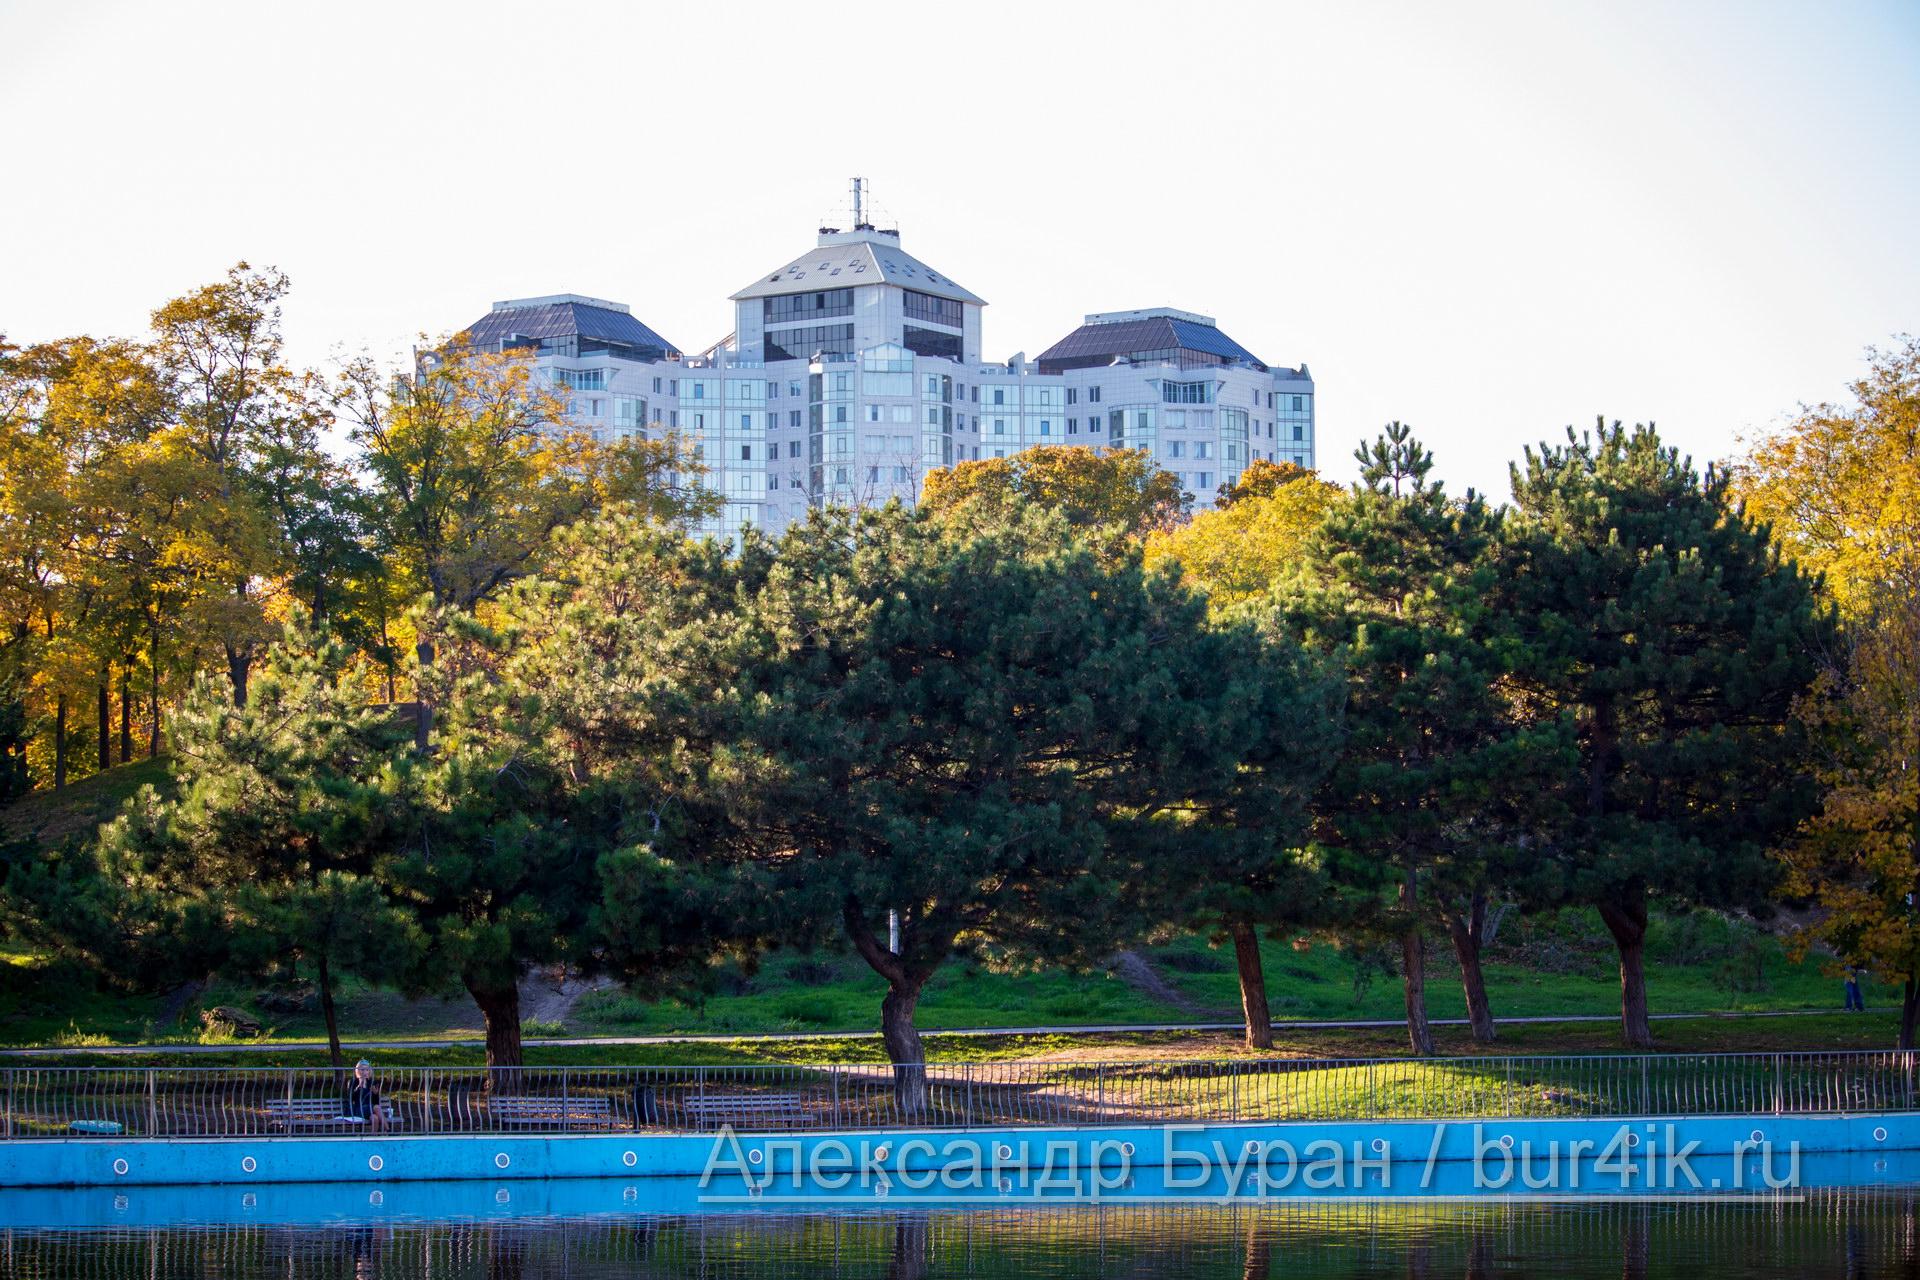 Пруд, деревья в парке и многоэтажное здание на заднем плане - Украина, Одесса, 17,10,2019